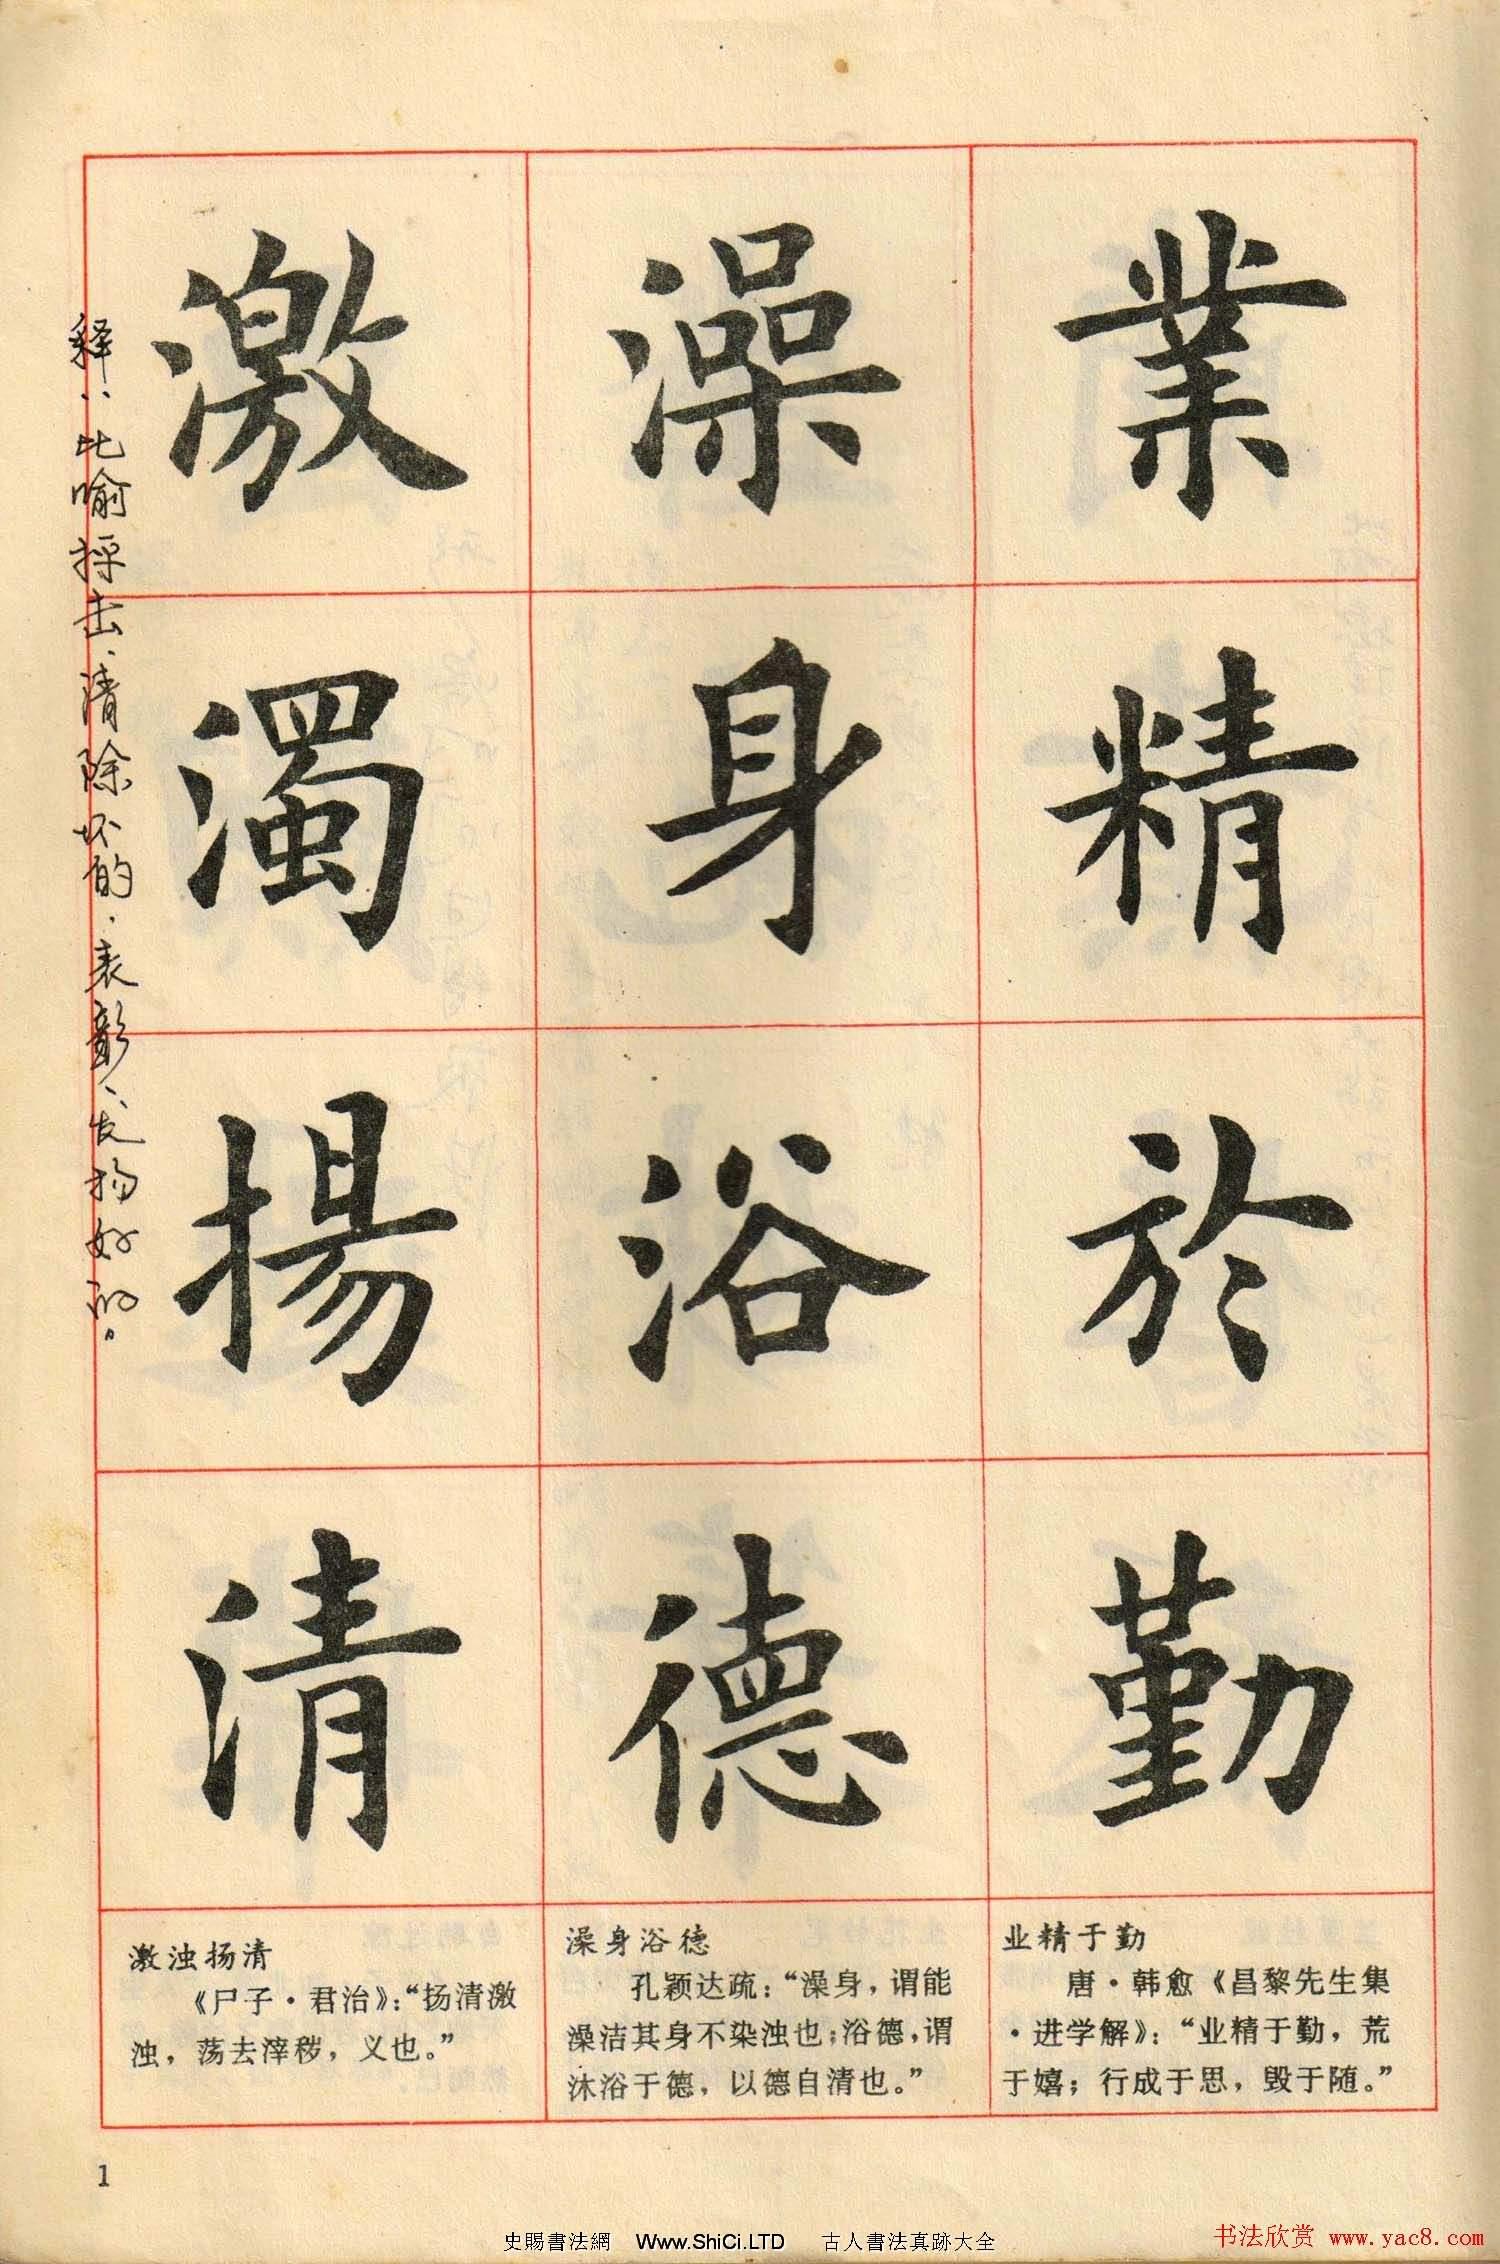 盧中南毛筆楷書字帖《中國成語300句》大圖(共43張圖片)